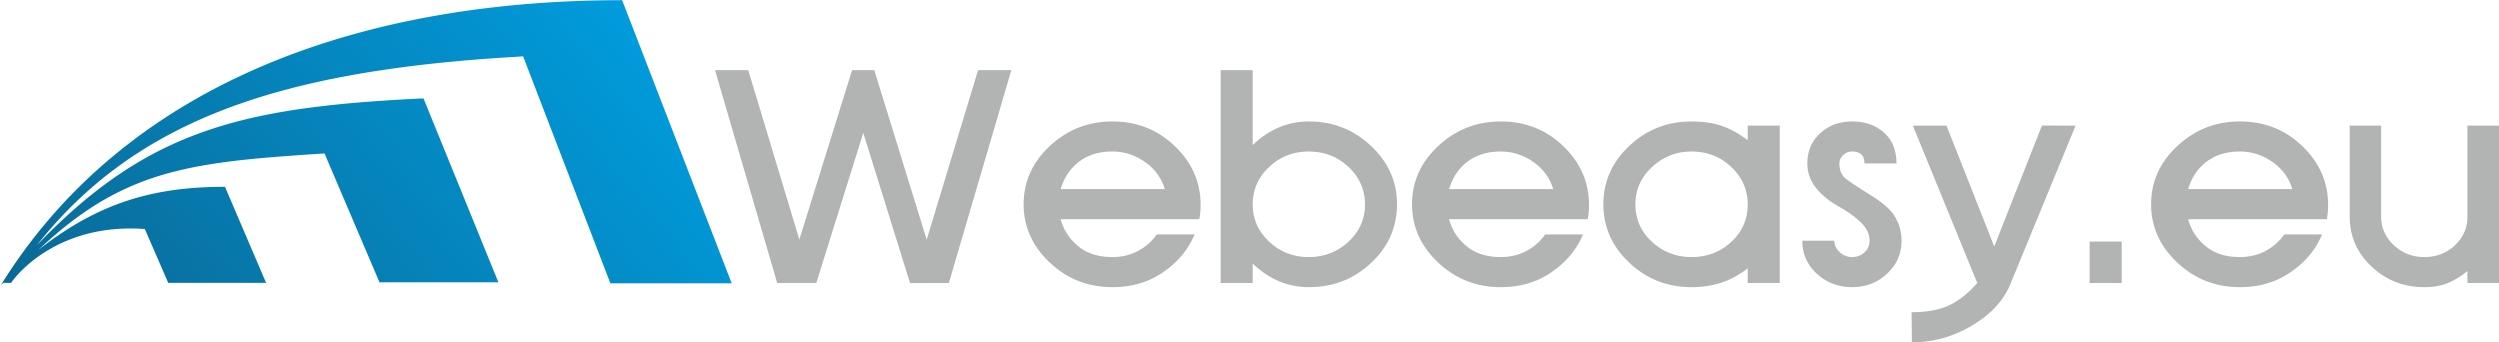 Κατασκευή Ιστοσελίδων απο την WebEasy.eu